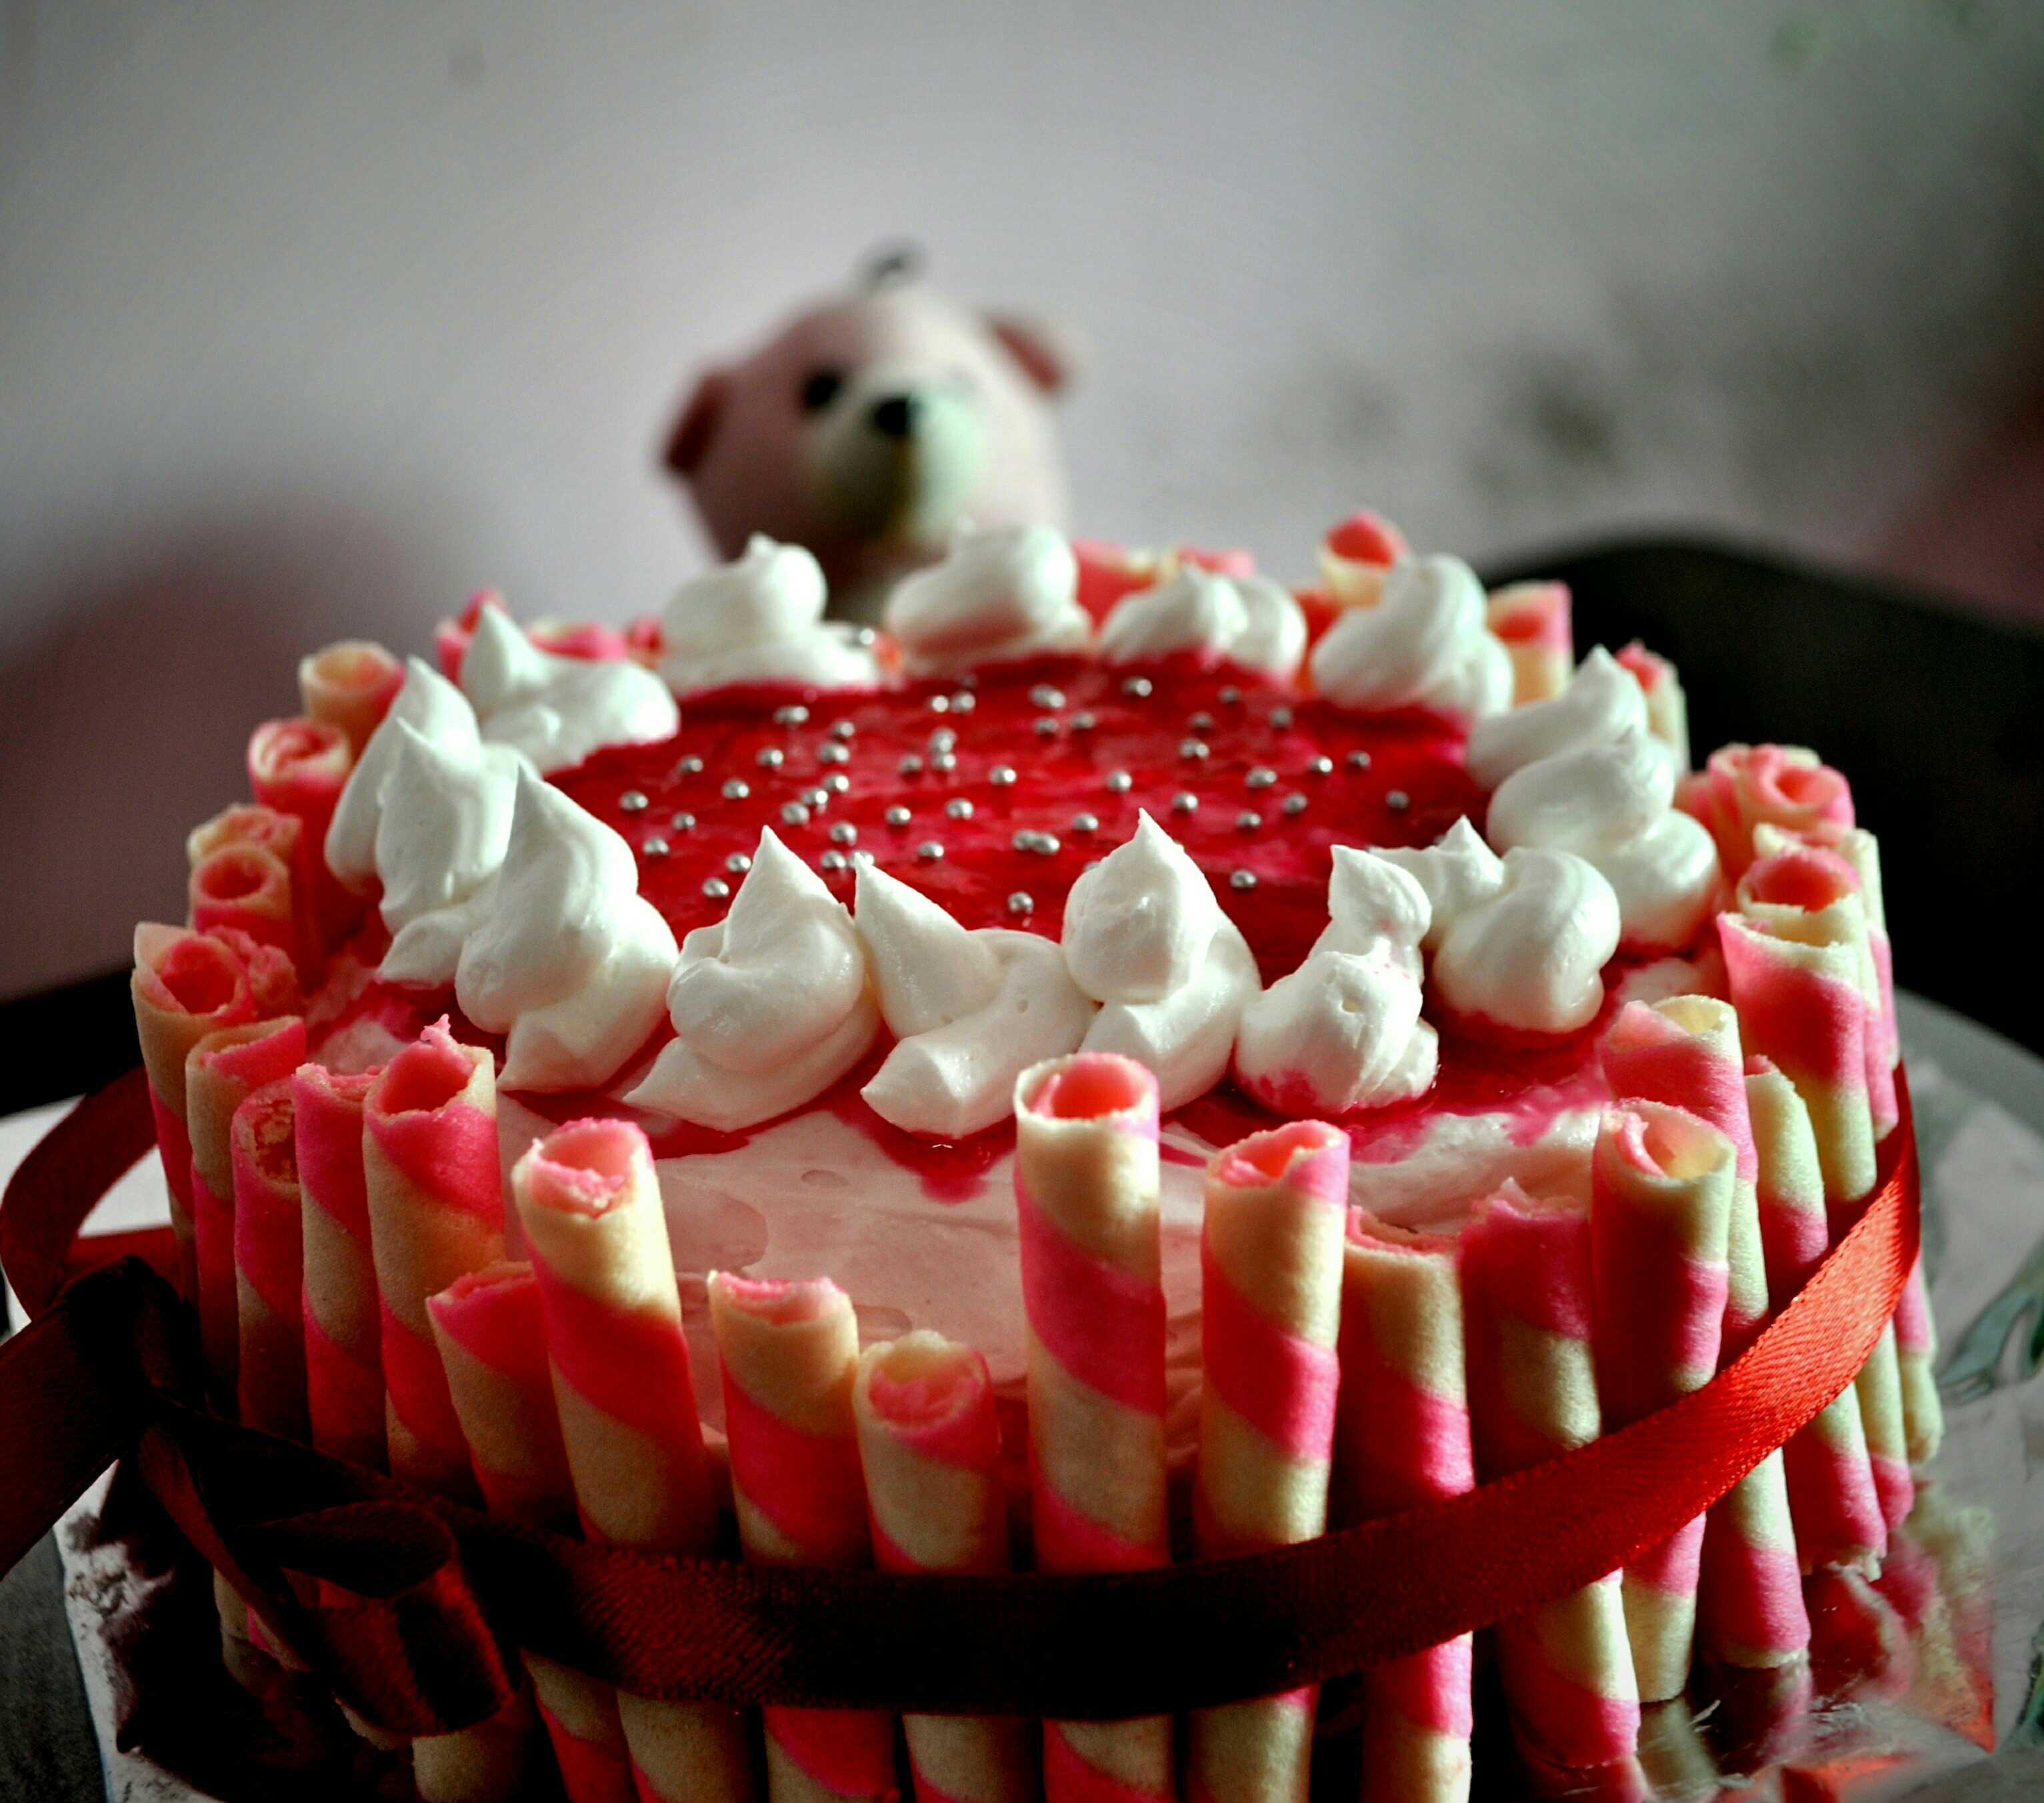 Strawberry Extreme Cake